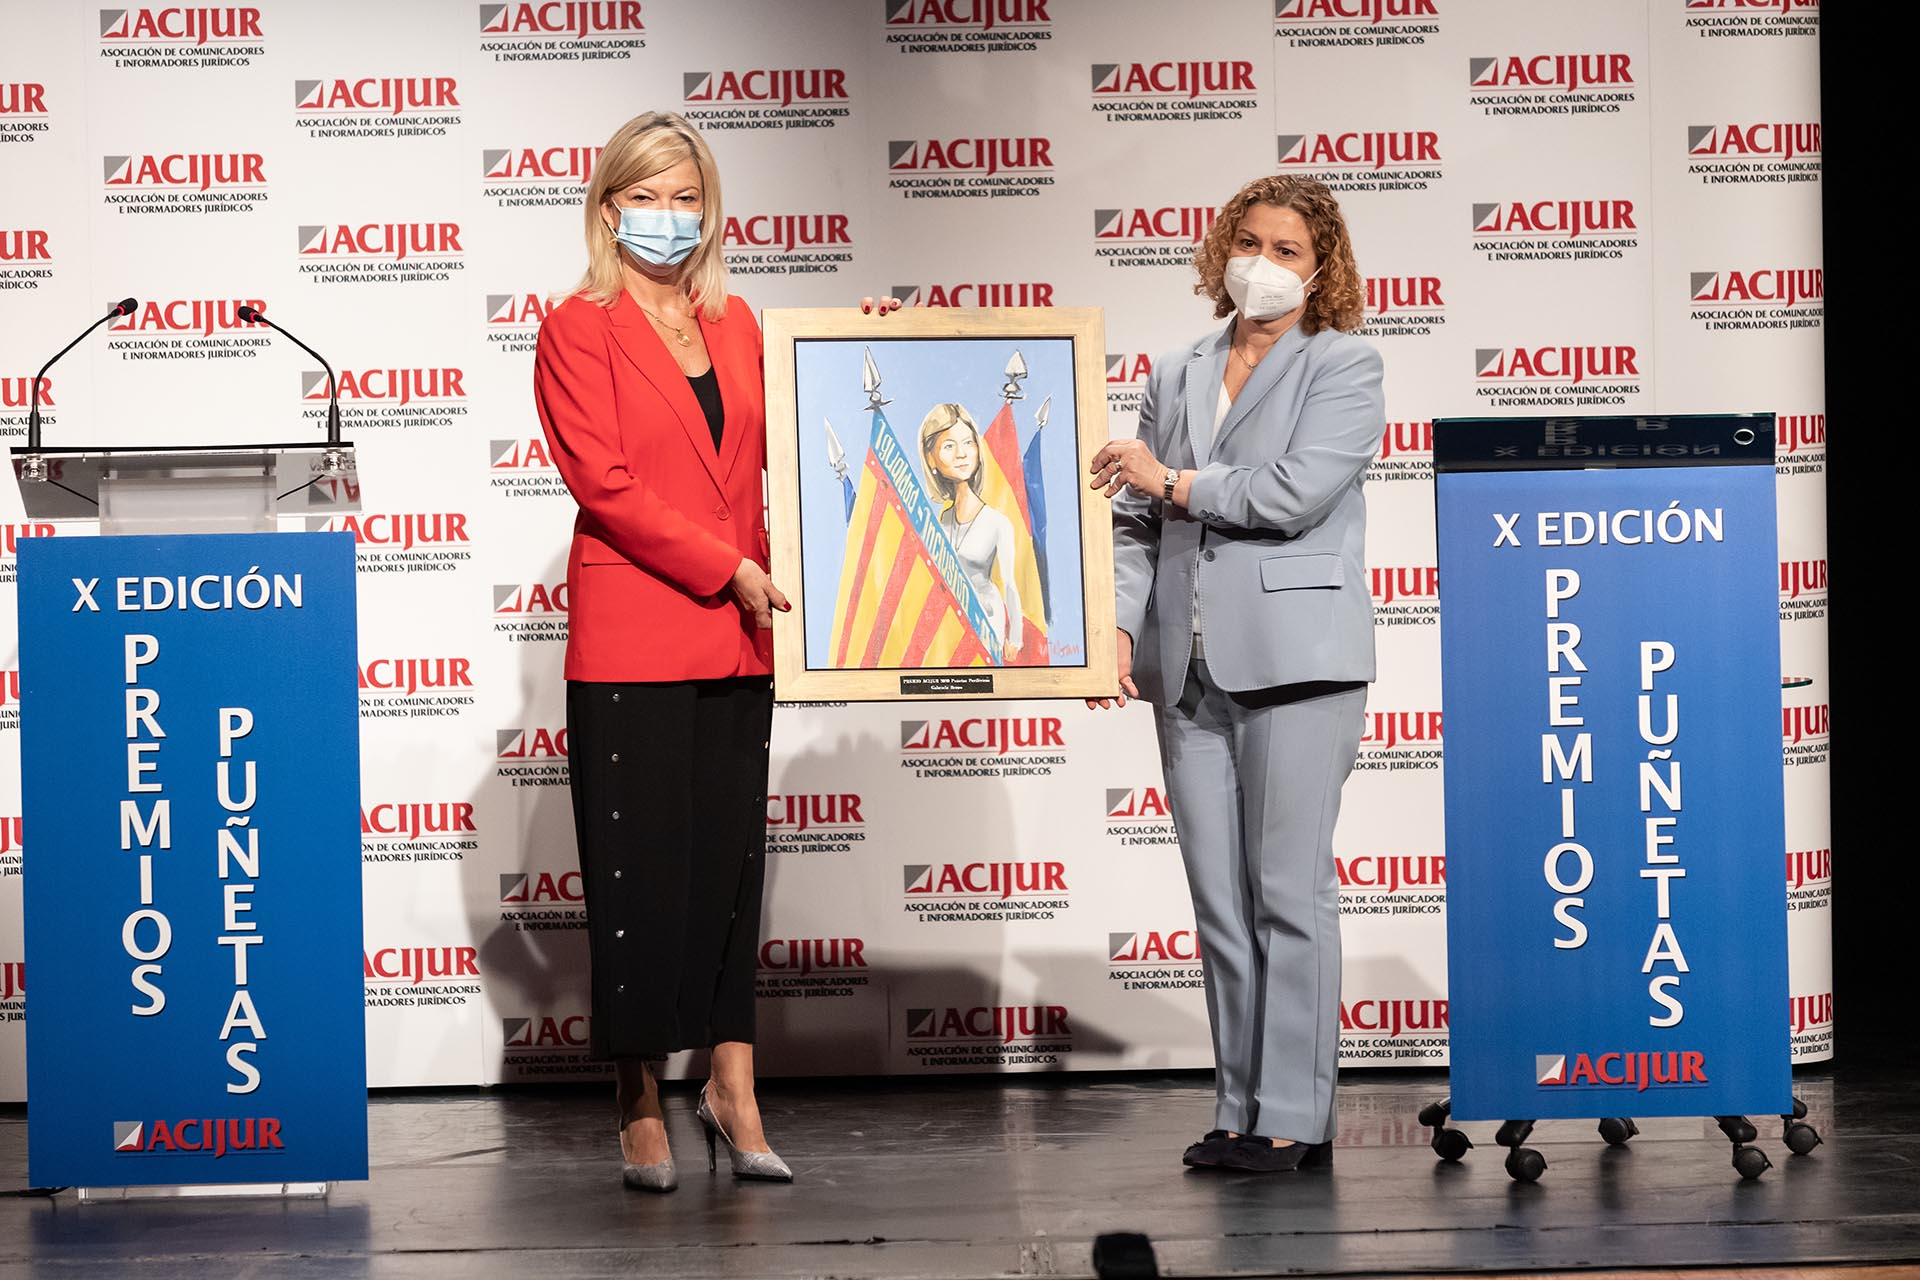 Gabriela Bravo, consejera de Justicia de la Generalitat Valenciana, recoge el premio Puñetas Periféricas de la mano de María Emilia Adán, decana del Colegio de Registradores de España.